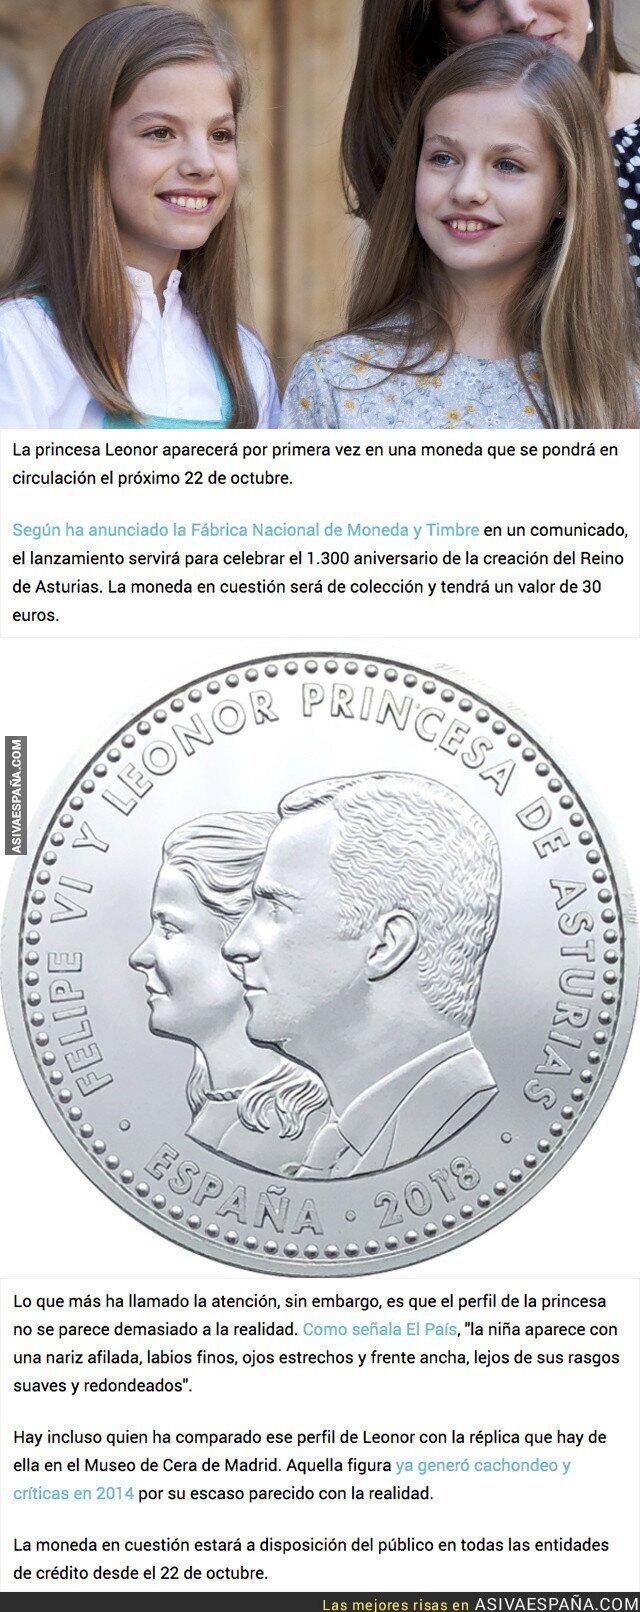 90536 - Gran polémica por como se ve Leonor en la moneda que se pondrá en circulación el 22 de octubre